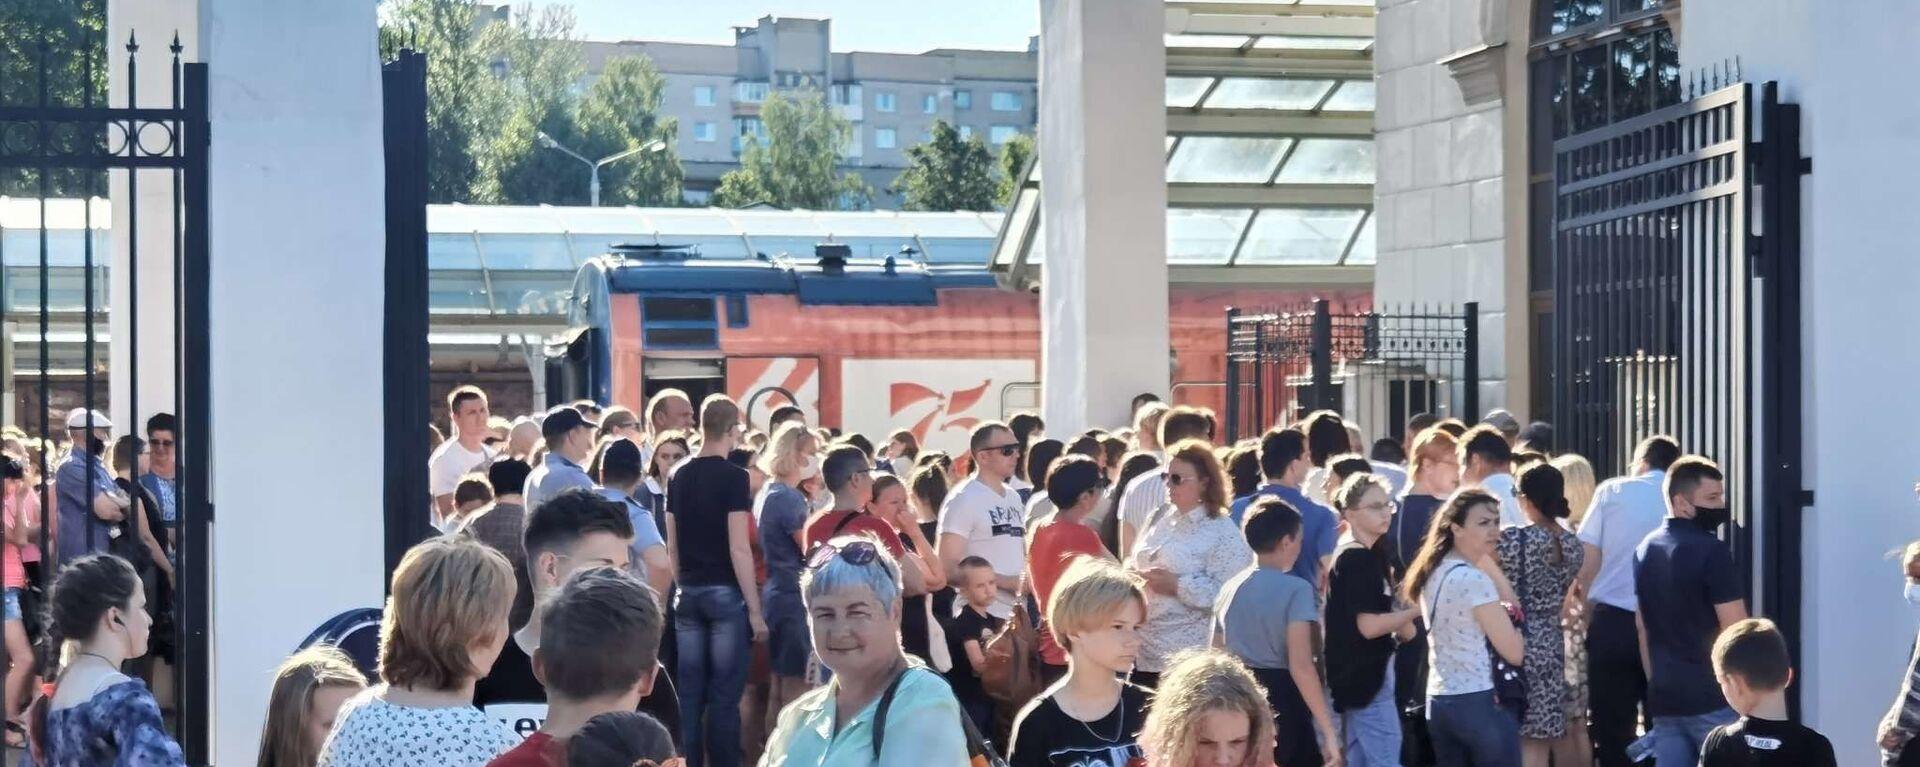 В Витебске выстраиваются длинные очереди на Поезд Победы - Sputnik Беларусь, 1920, 17.06.2021